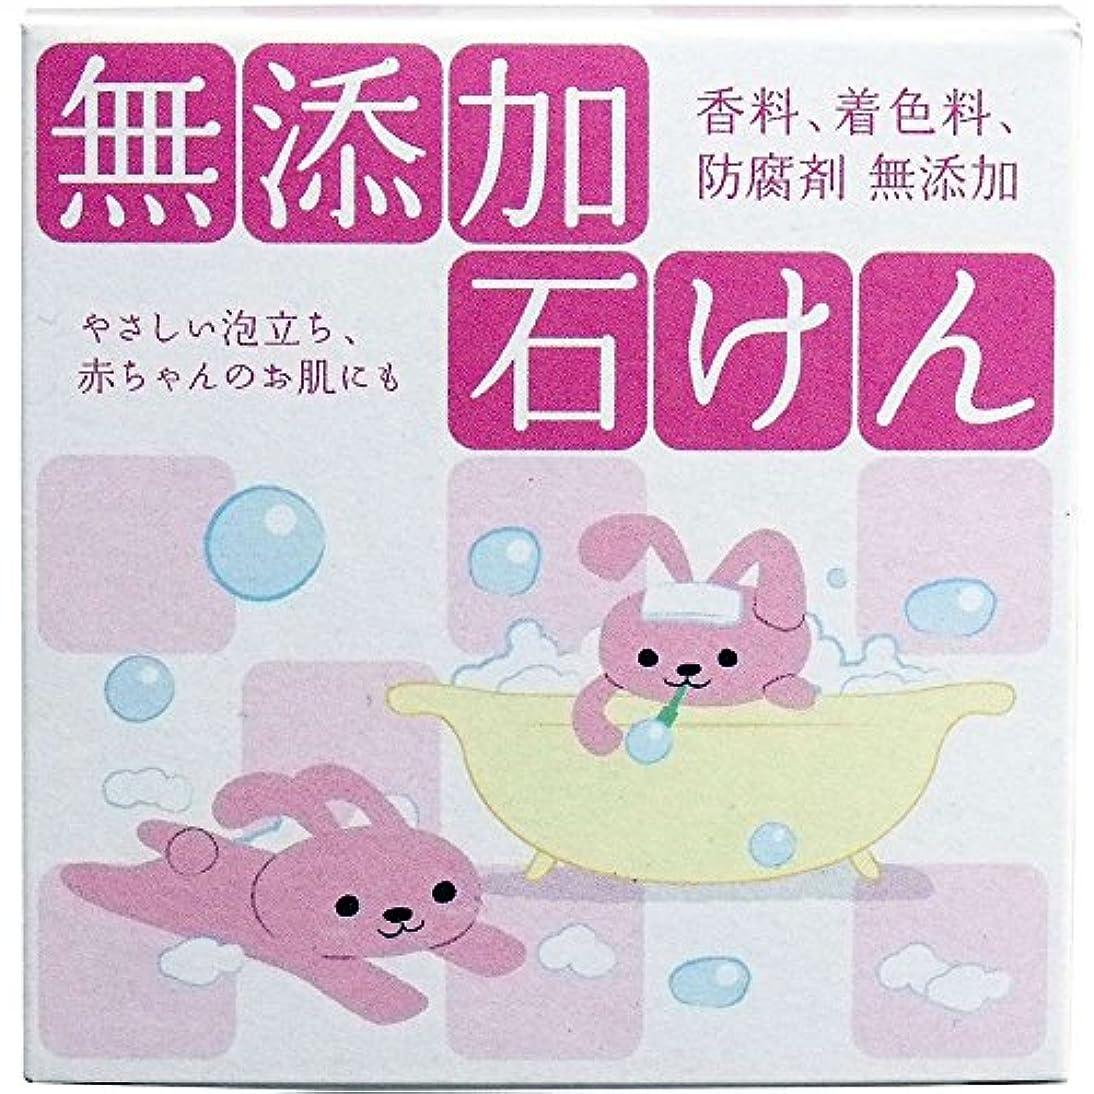 本過ち範囲【クロバーコーポレーション】無添加石鹸 80g